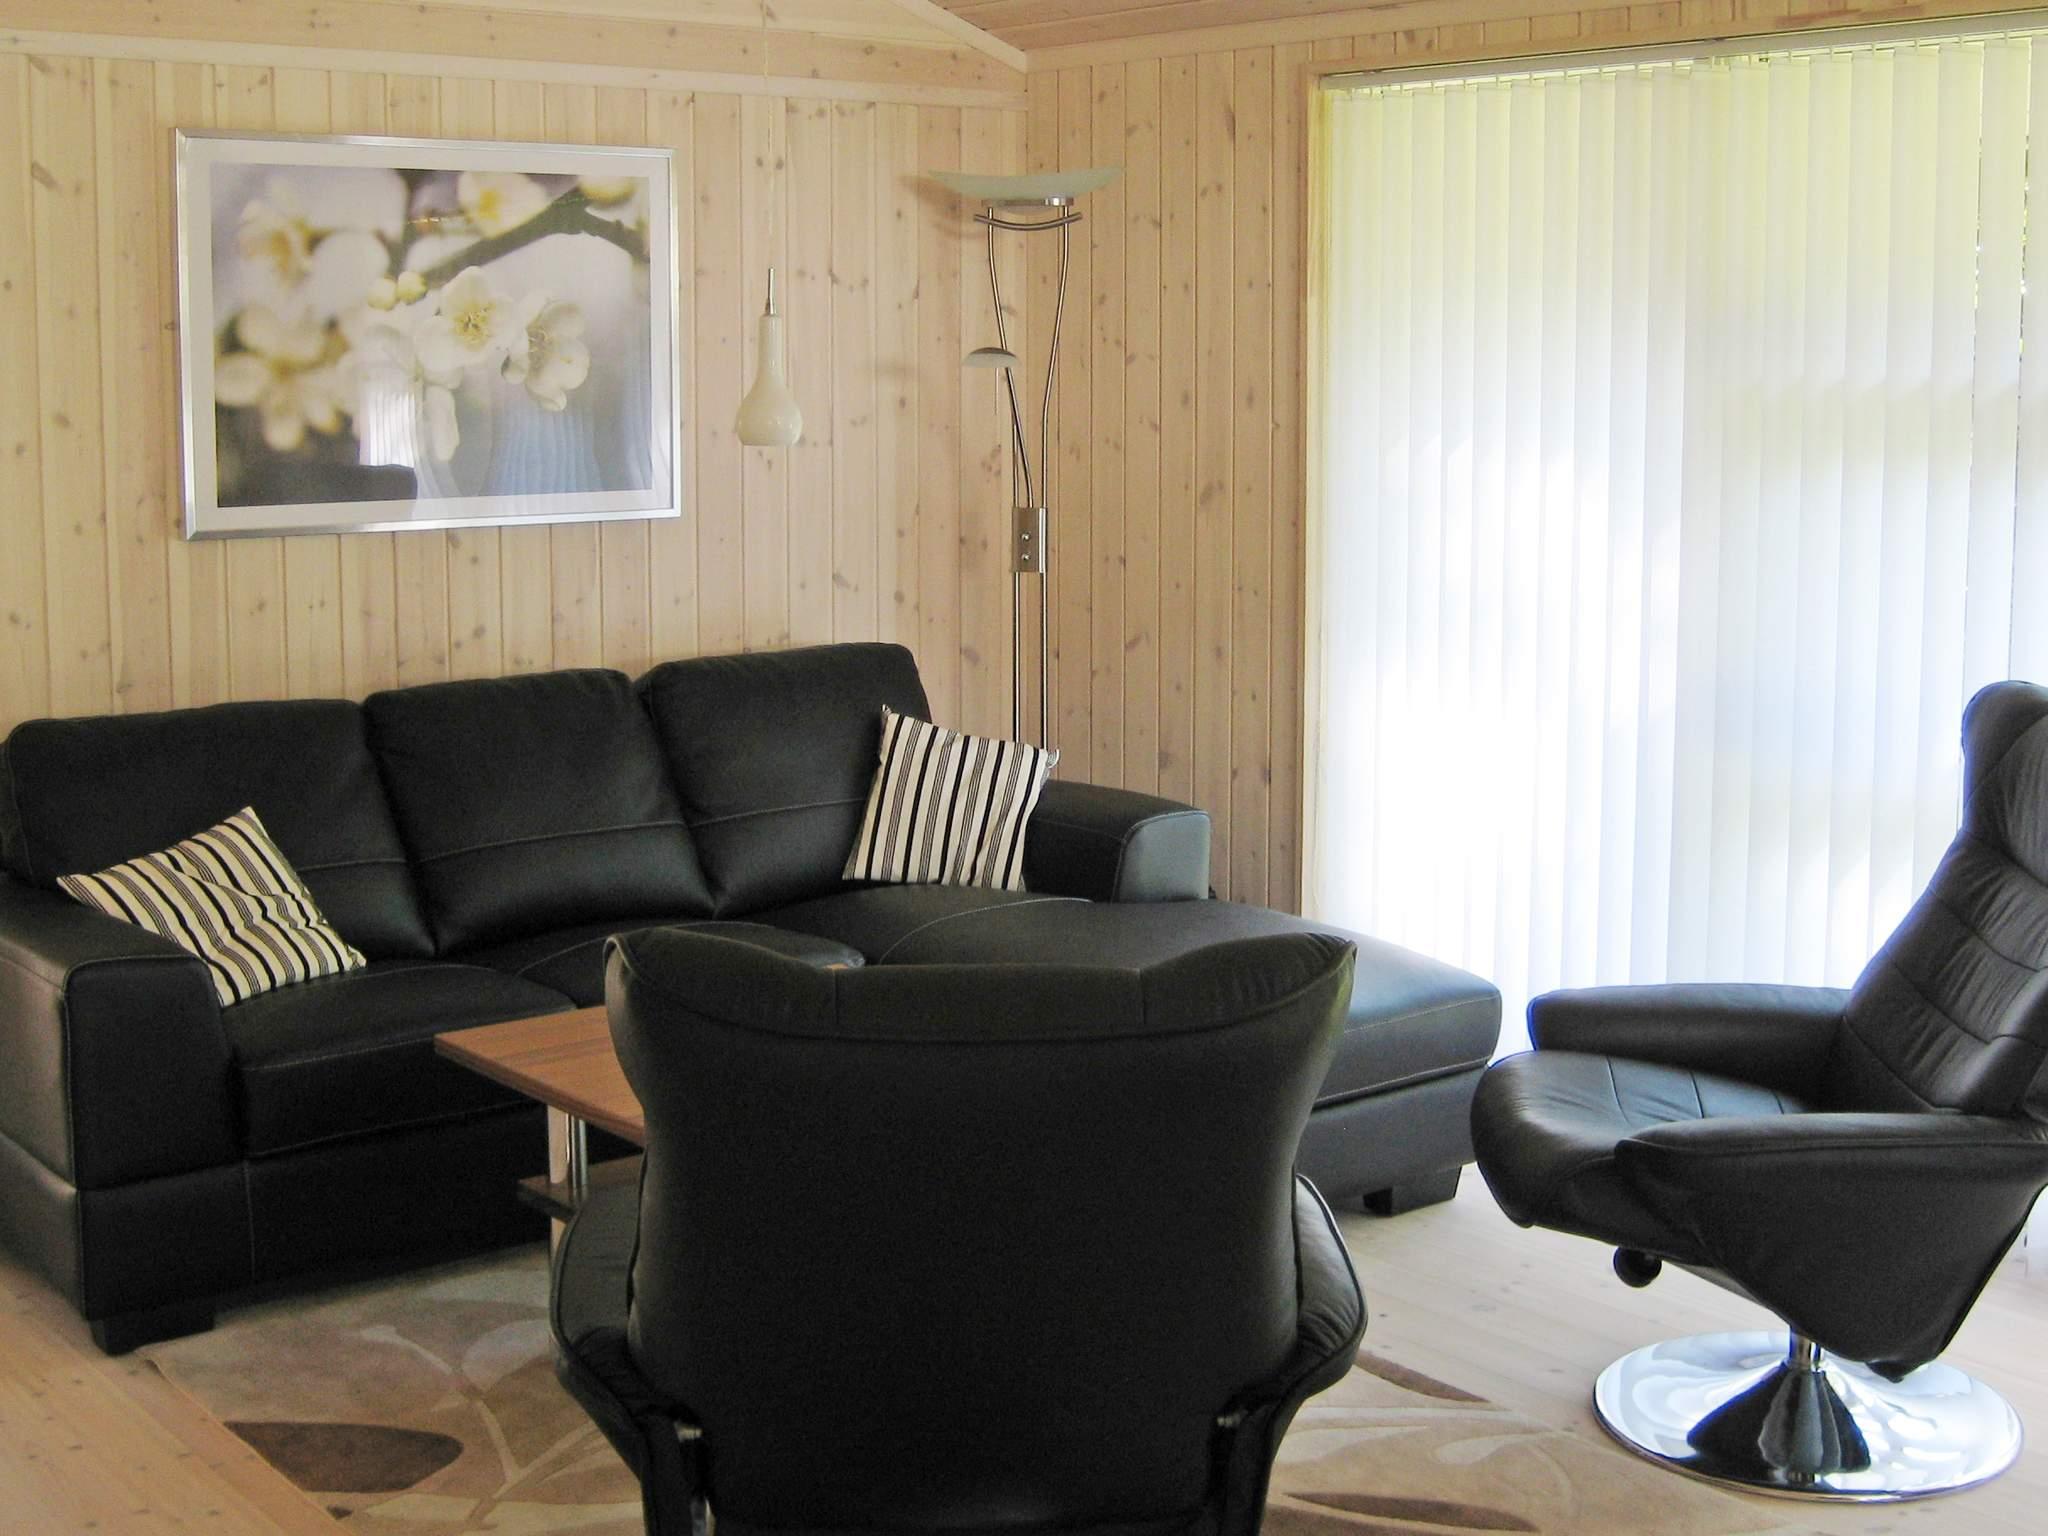 Ferienhaus Silkeborg (264074), Silkeborg, , Ostjütland, Dänemark, Bild 4